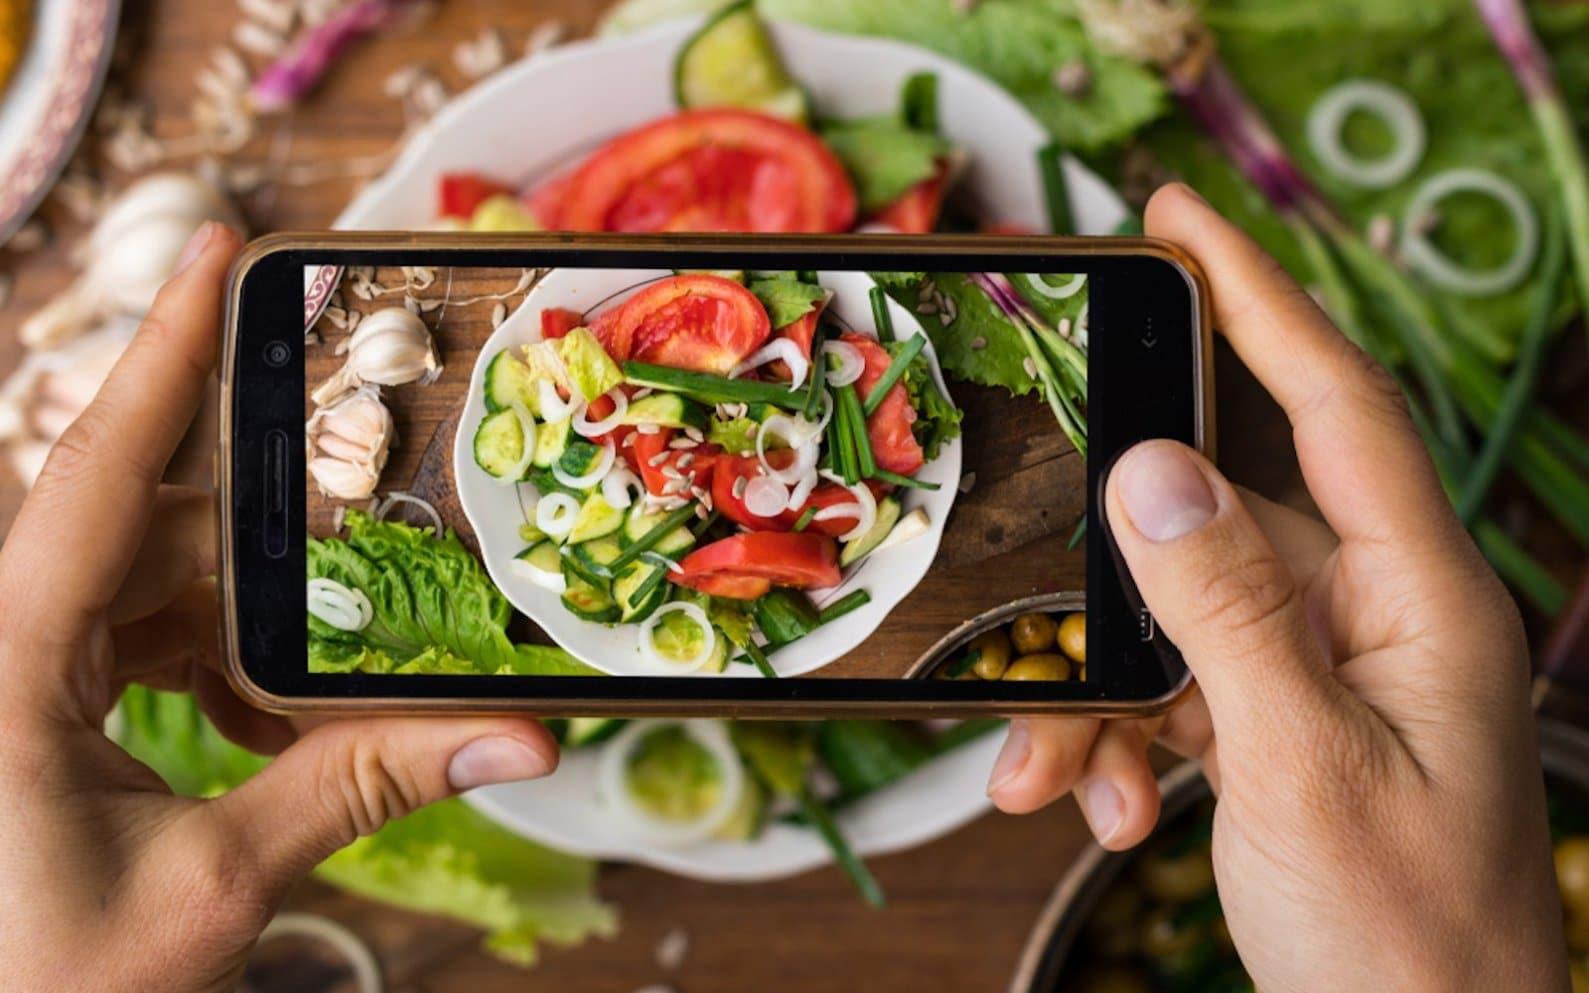 I 5 Migliori Profili Instagram Vegan Vegano Per Caso